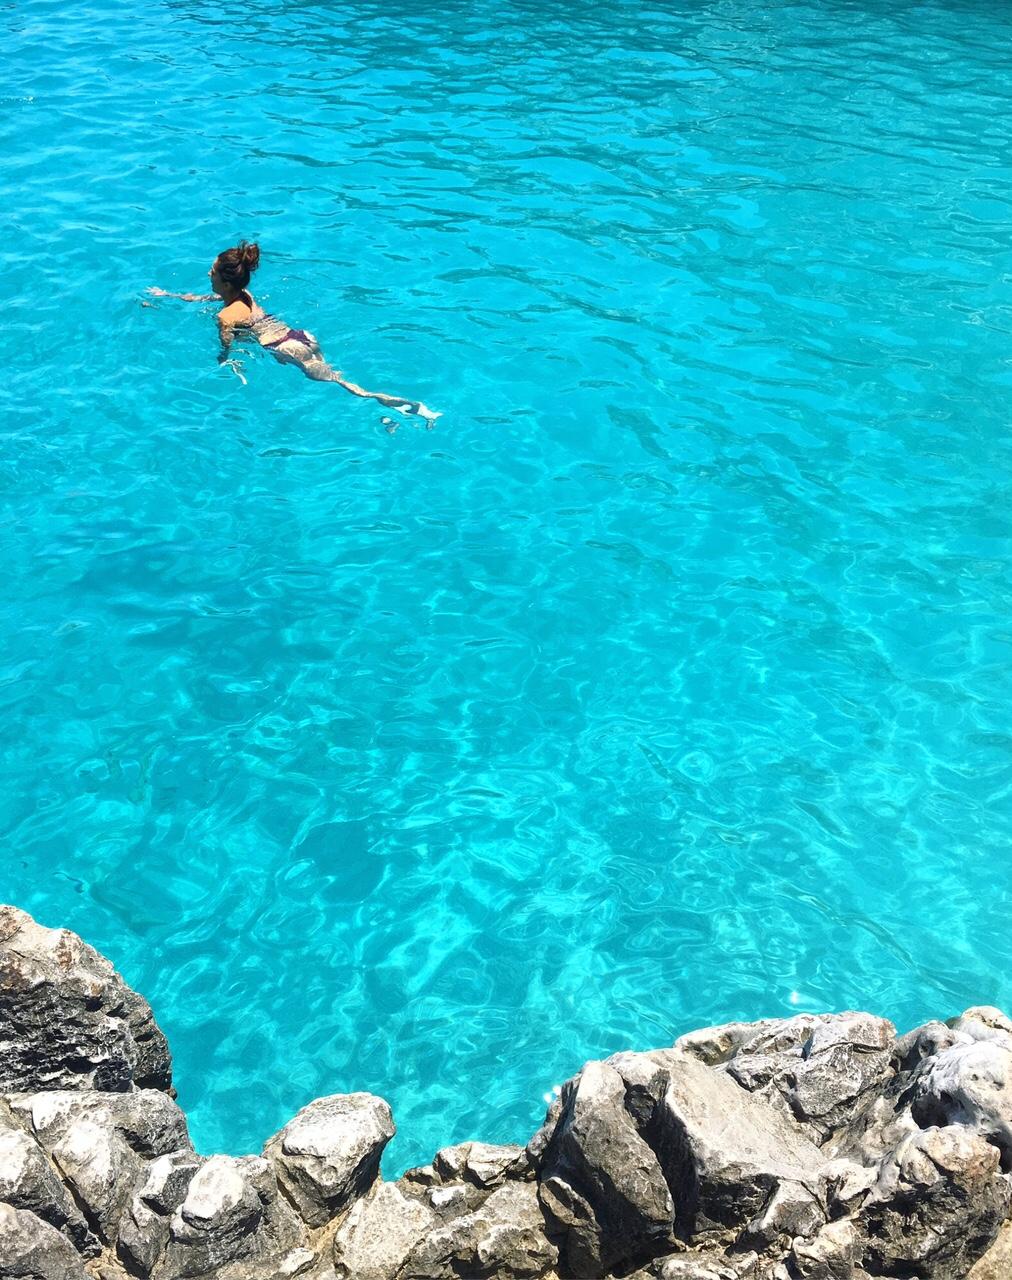 Seitan-Limania2_Crete CRETE- THE BEST OF THE CHANIA REGION